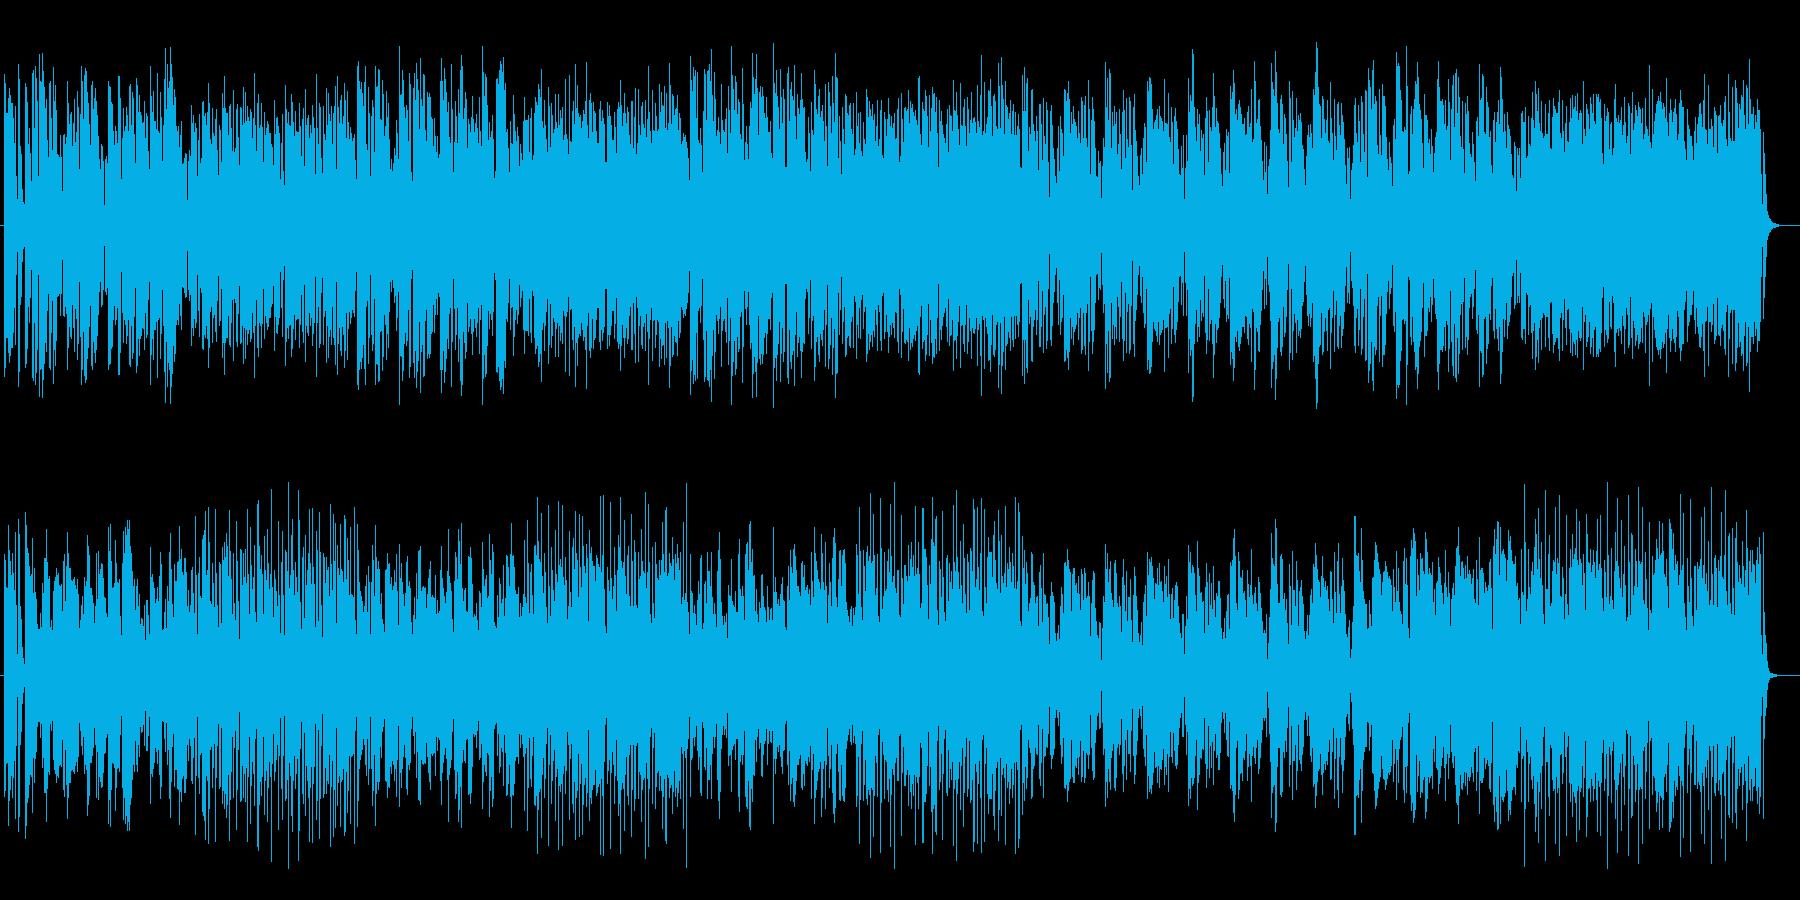 軽快でポップなファンタジック曲の再生済みの波形